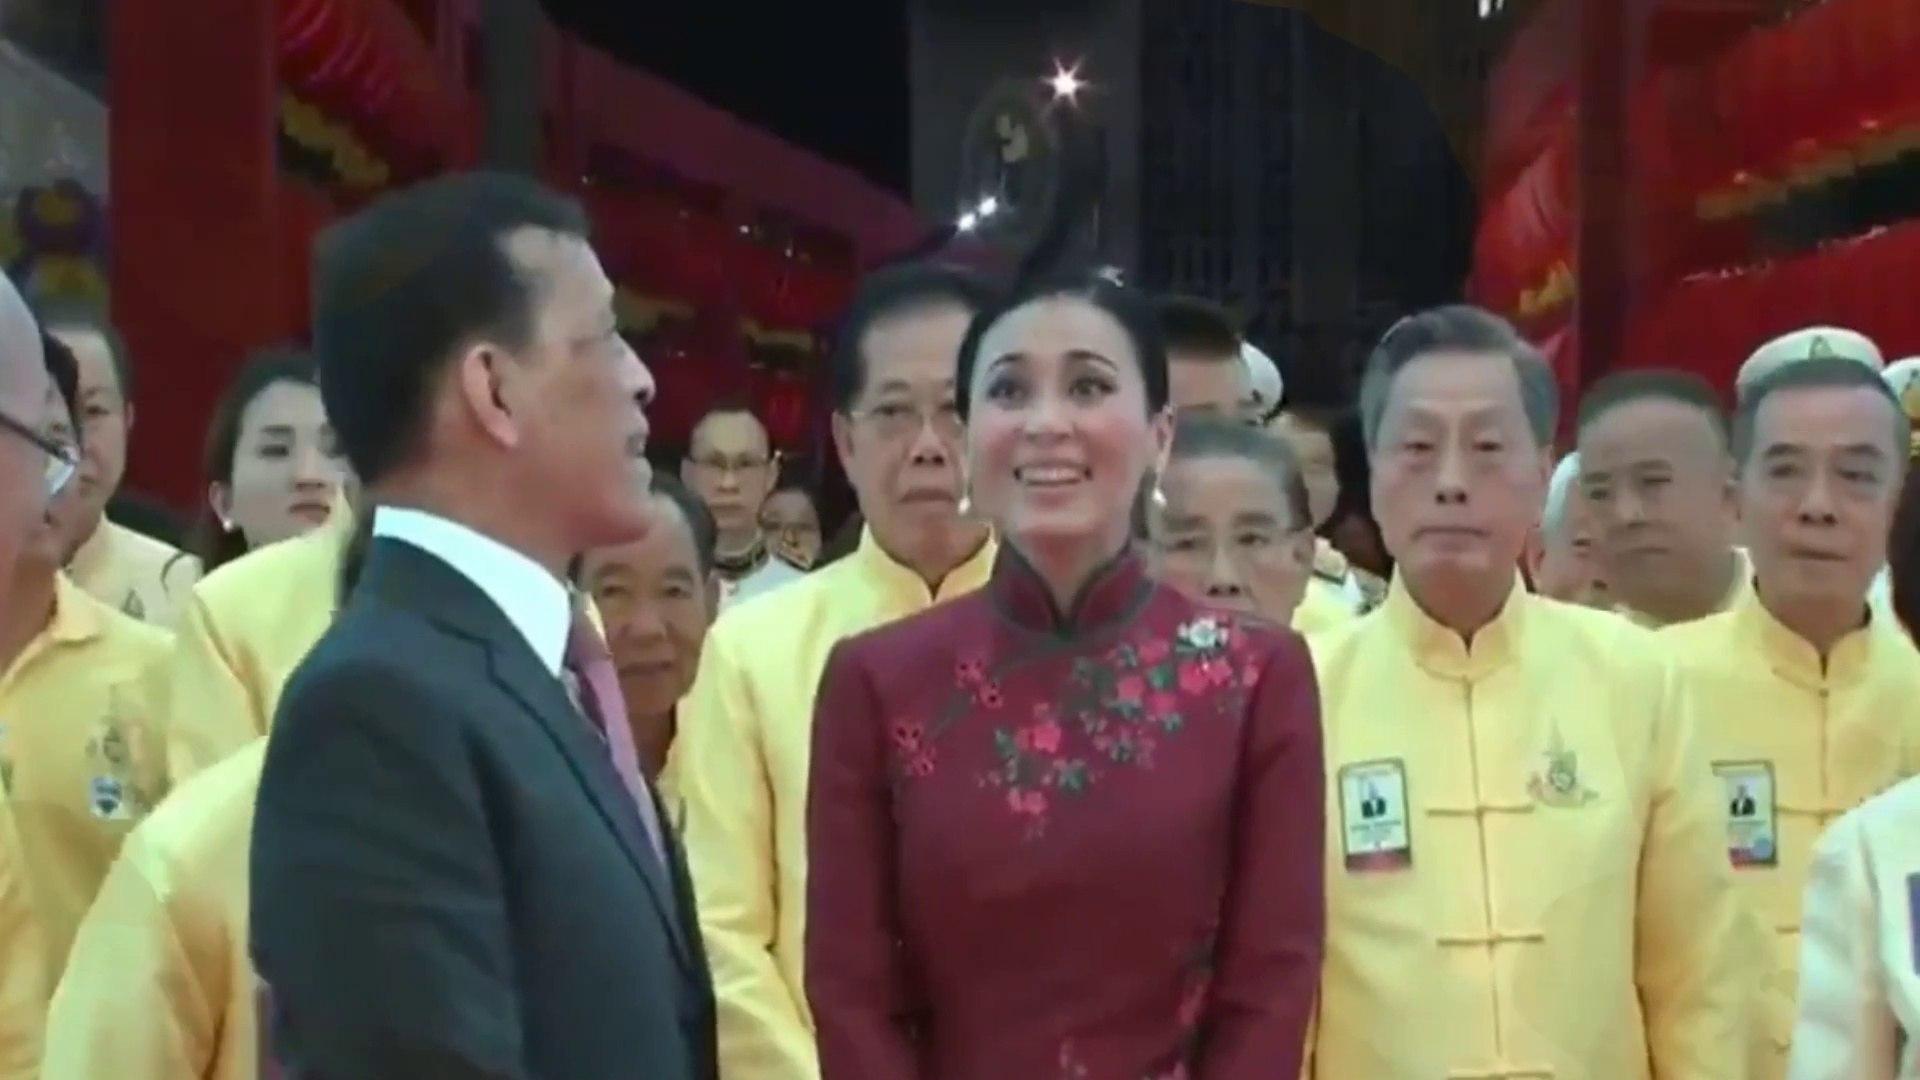 ราชินีนุ้ย สุทิดา หน้าบูด  ขนญาติเชื้อสายจีนเดินช๊อปปิ๊งเยาวราชกันสนุกกสนาน!!! - วิดีโอ Dailymotion